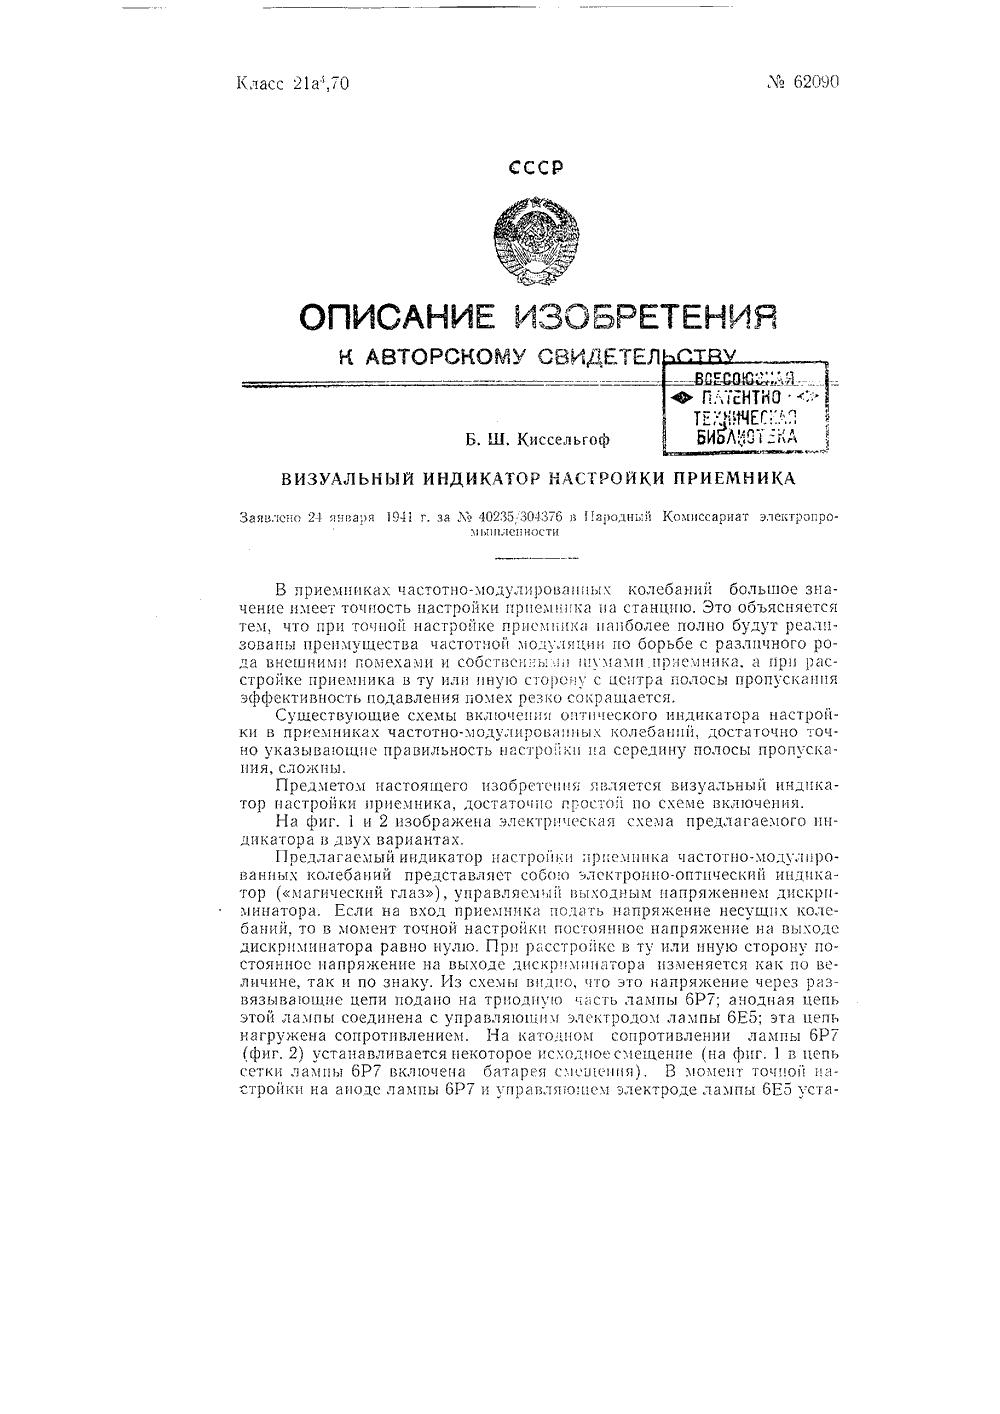 схема блока укв-2-01с